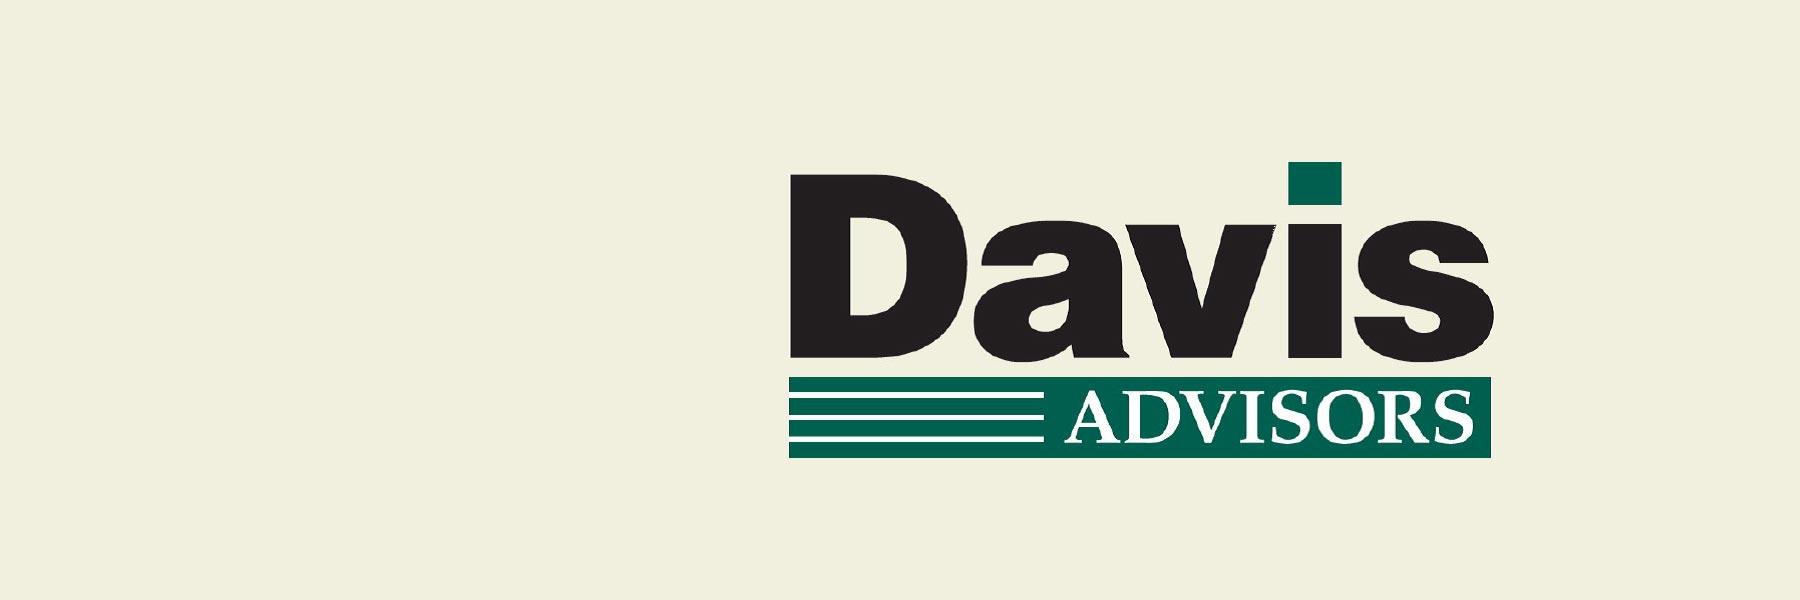 Chris Davis zur aktuellen Marktsituation